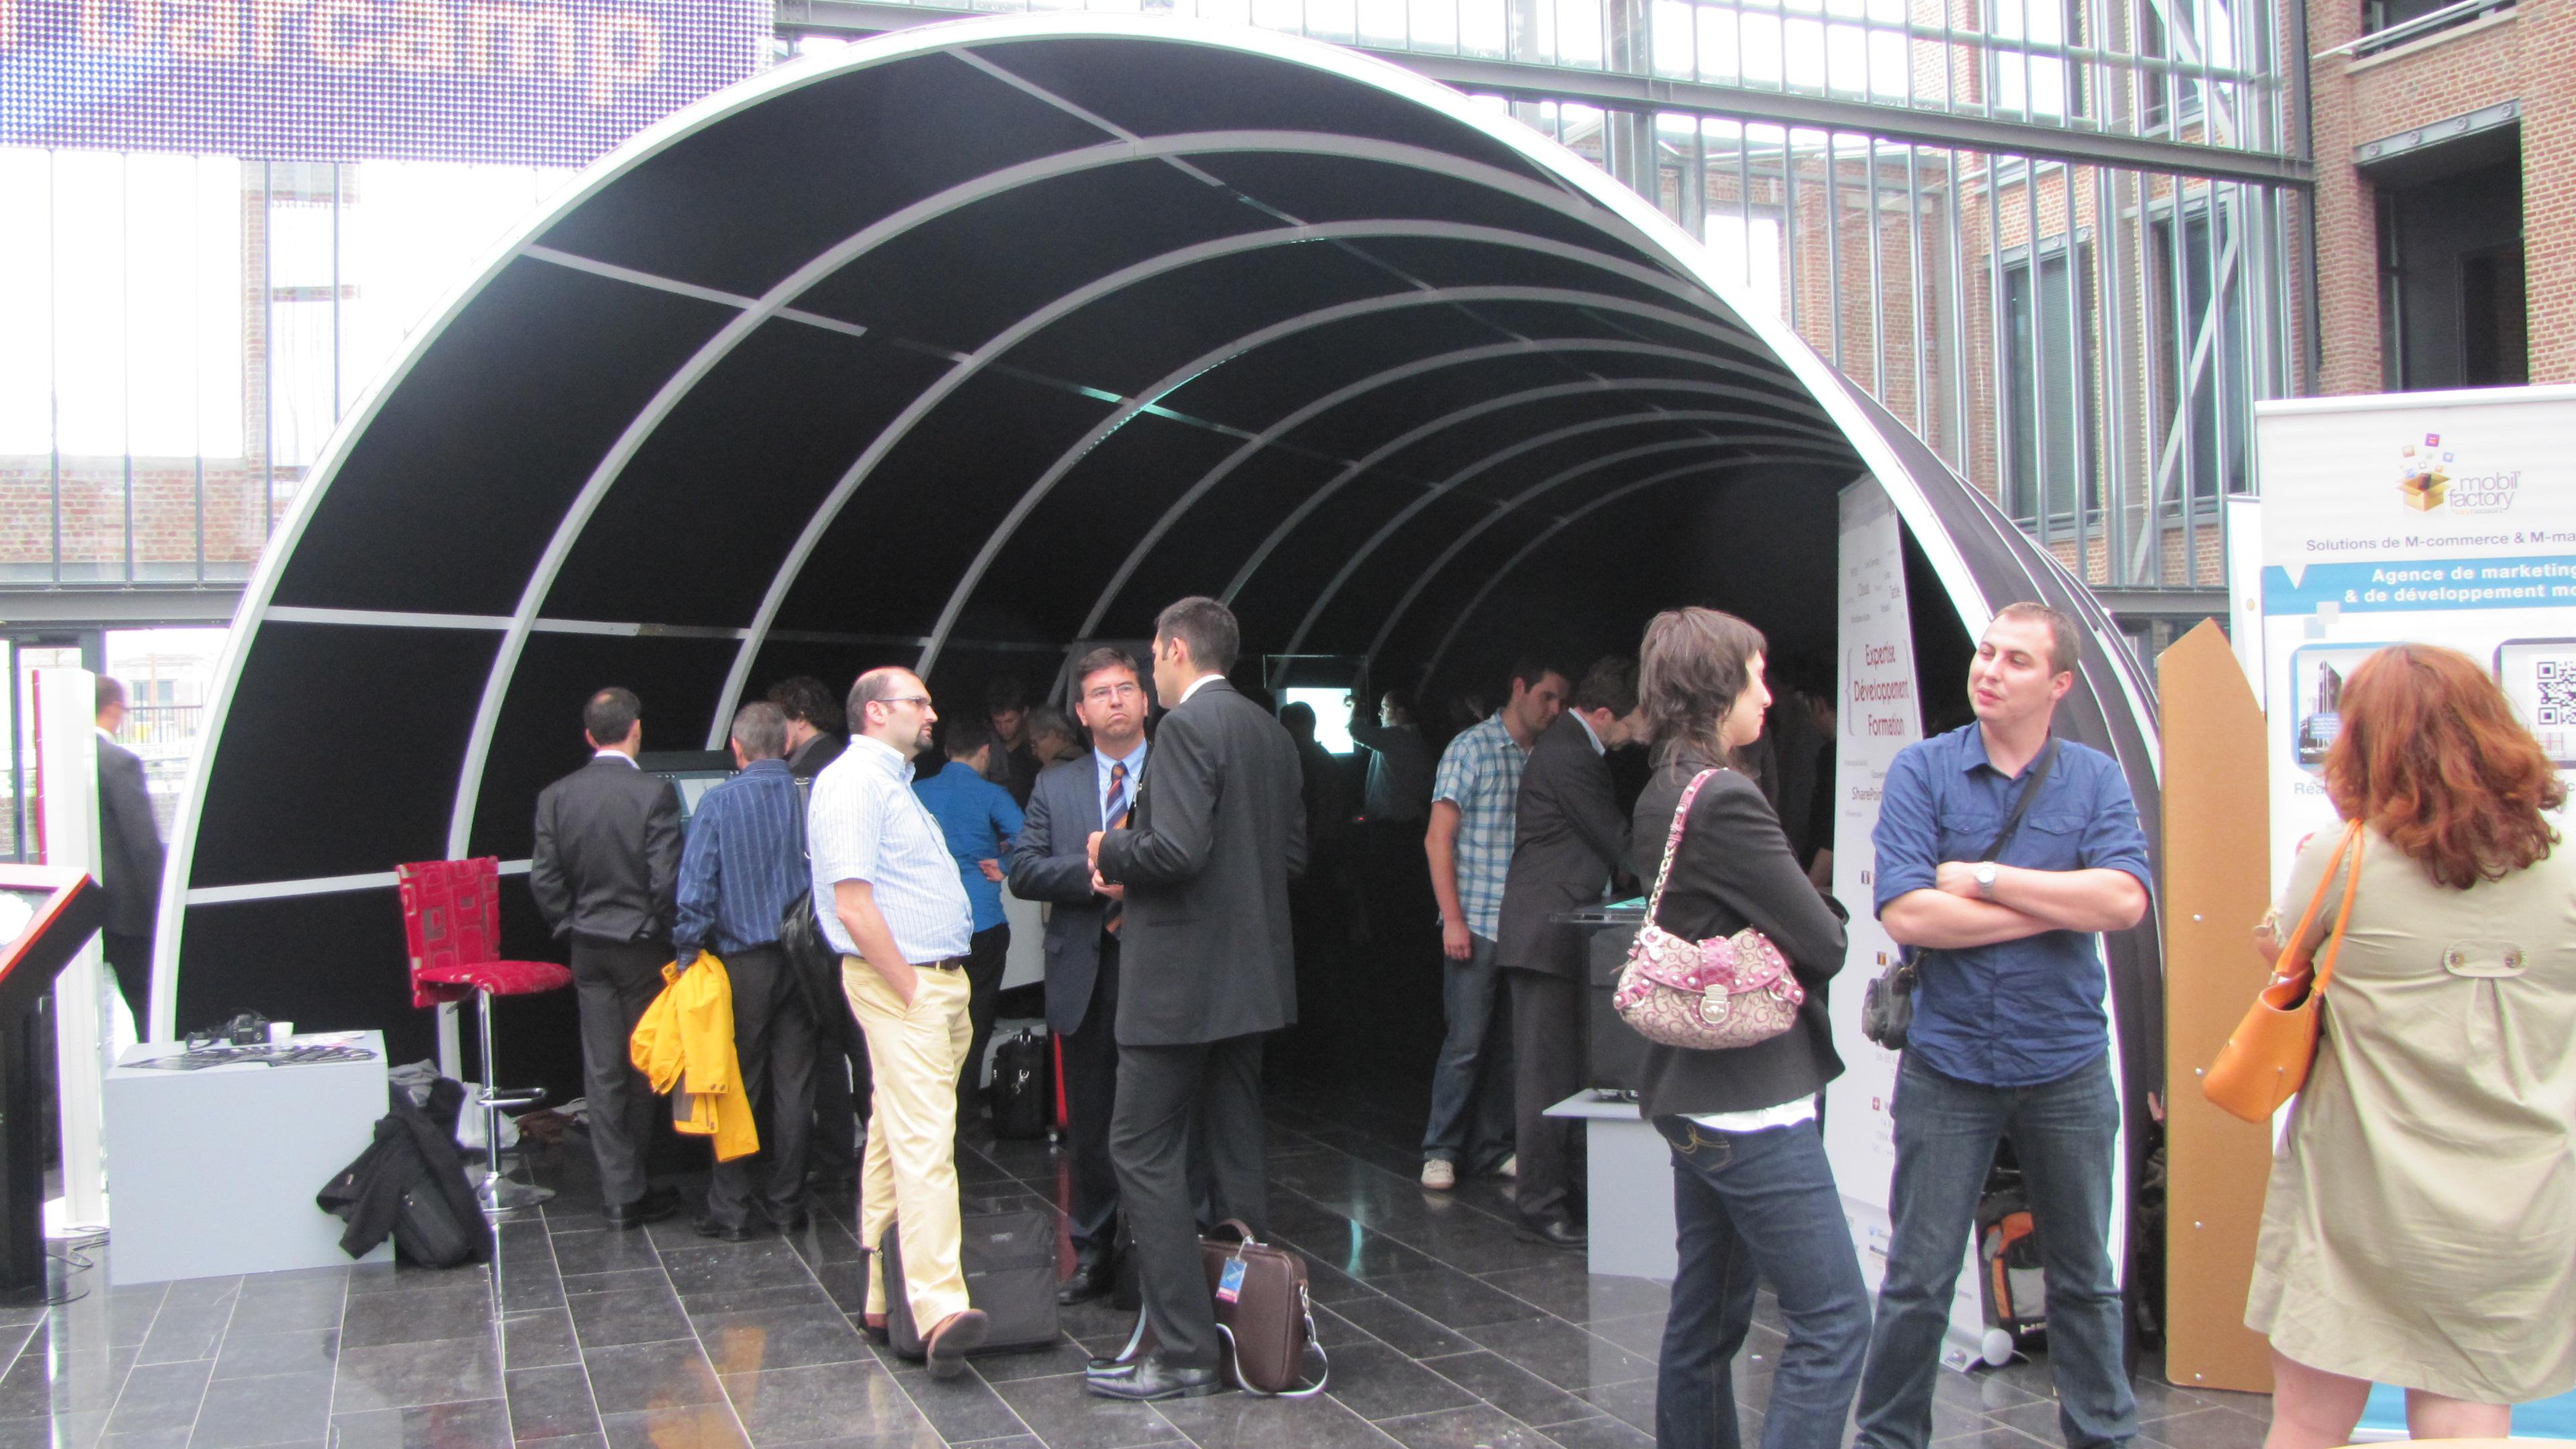 Comme annoncé ici, le forum sur l'interaction tactile et gestuelle (FITG), organisée par l'équipe MINT (INRIA Lille – Nord Europe &Université Lille 1) etDigiport, s'est déroulé du 10 au 12...